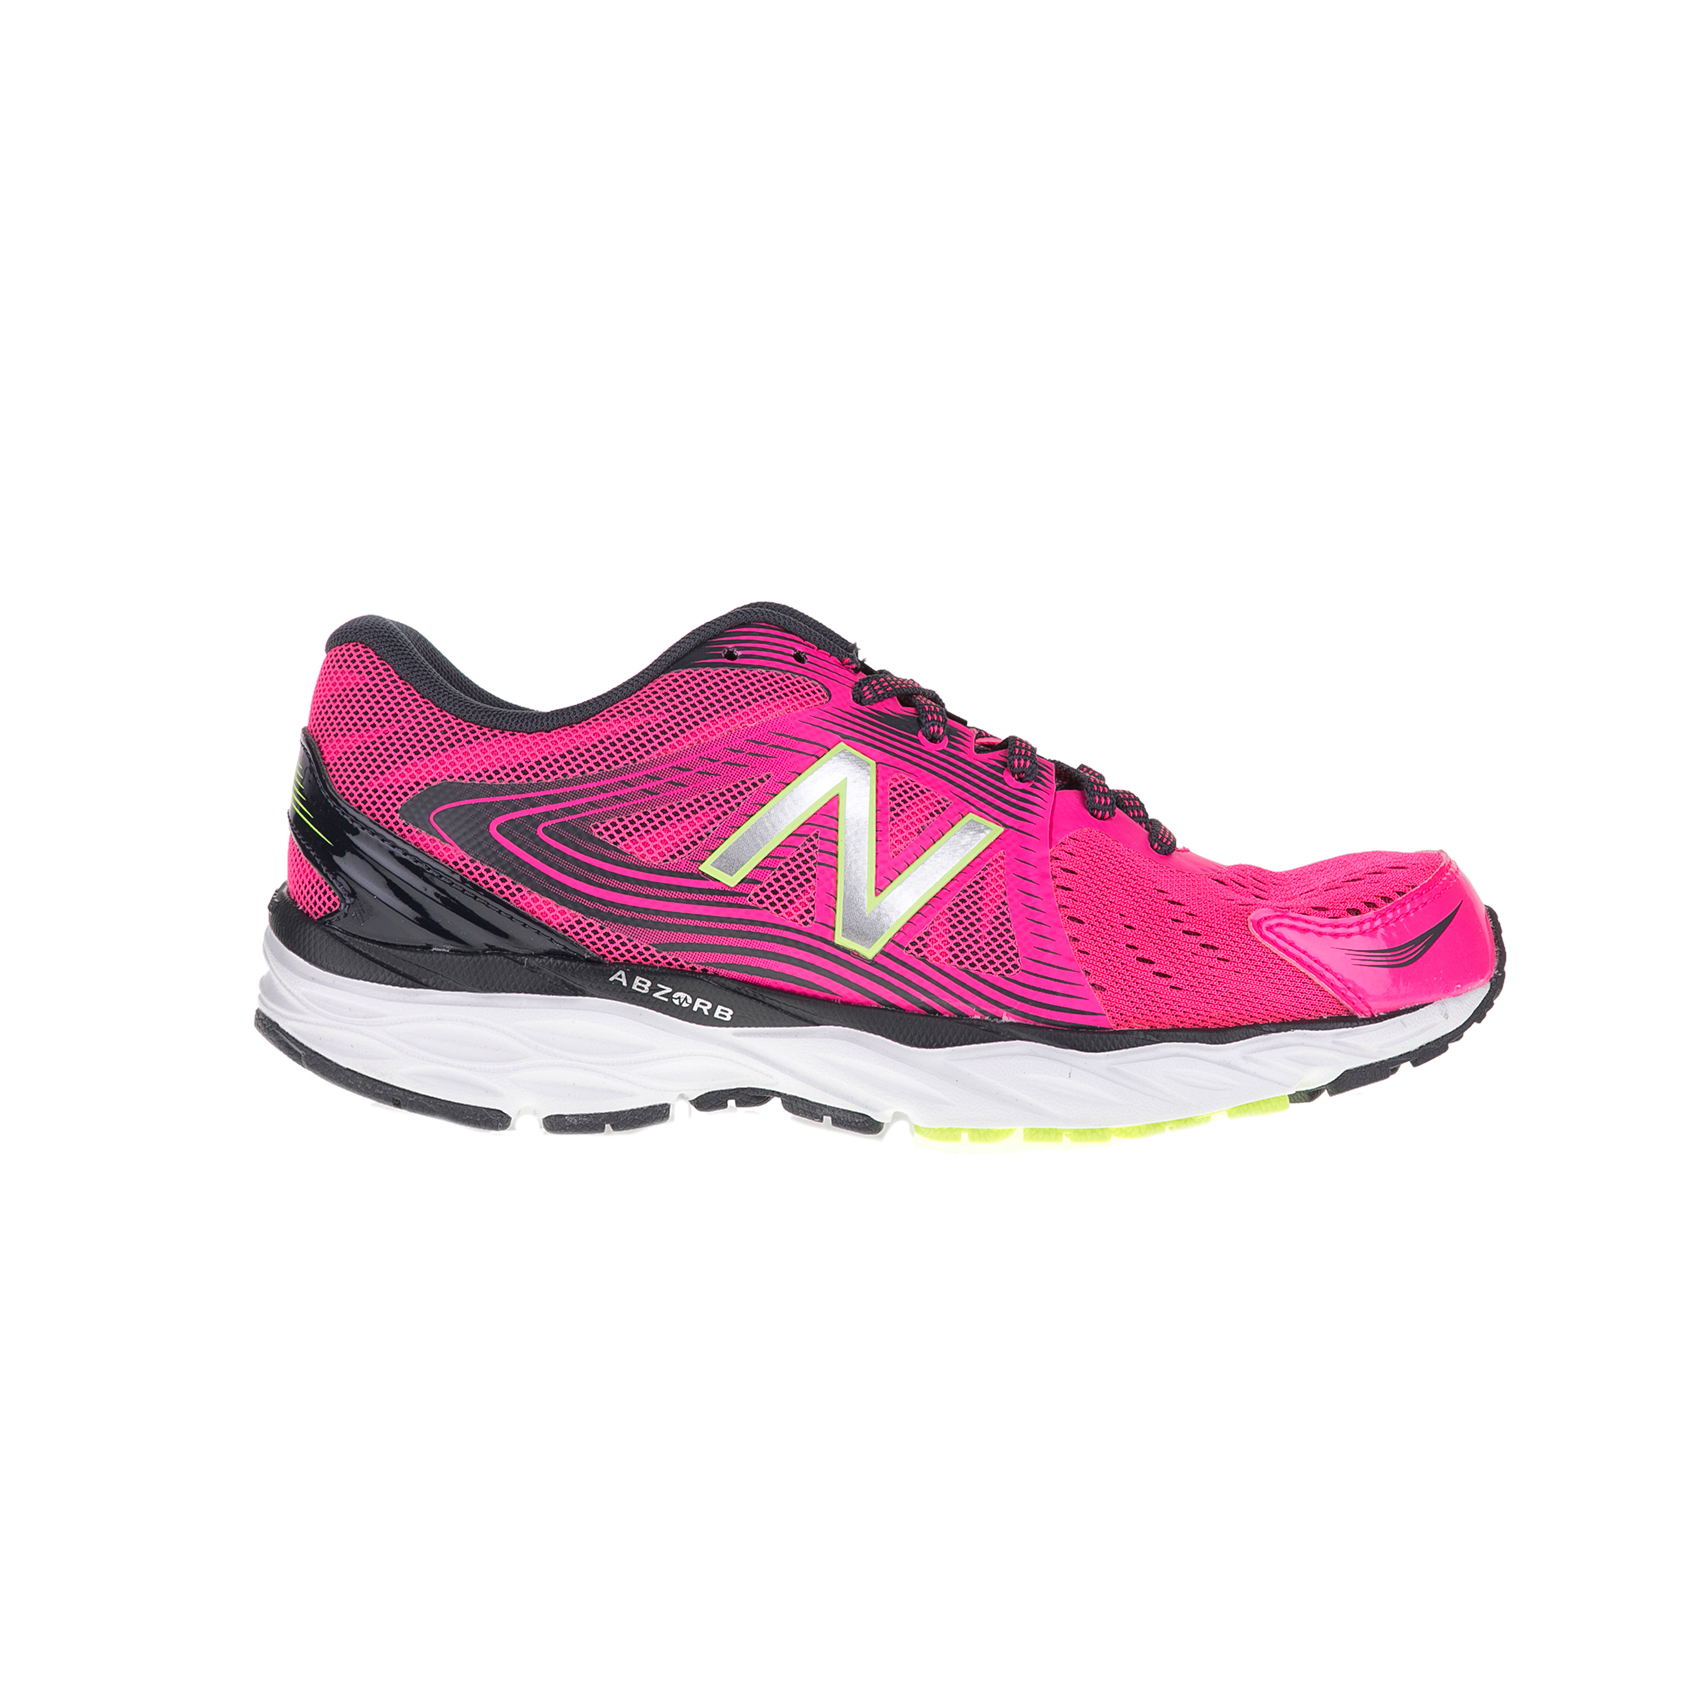 NEW BALANCE – Γυναικεία παπούτσια για τρέξιμο NEW BALANCE φούξια